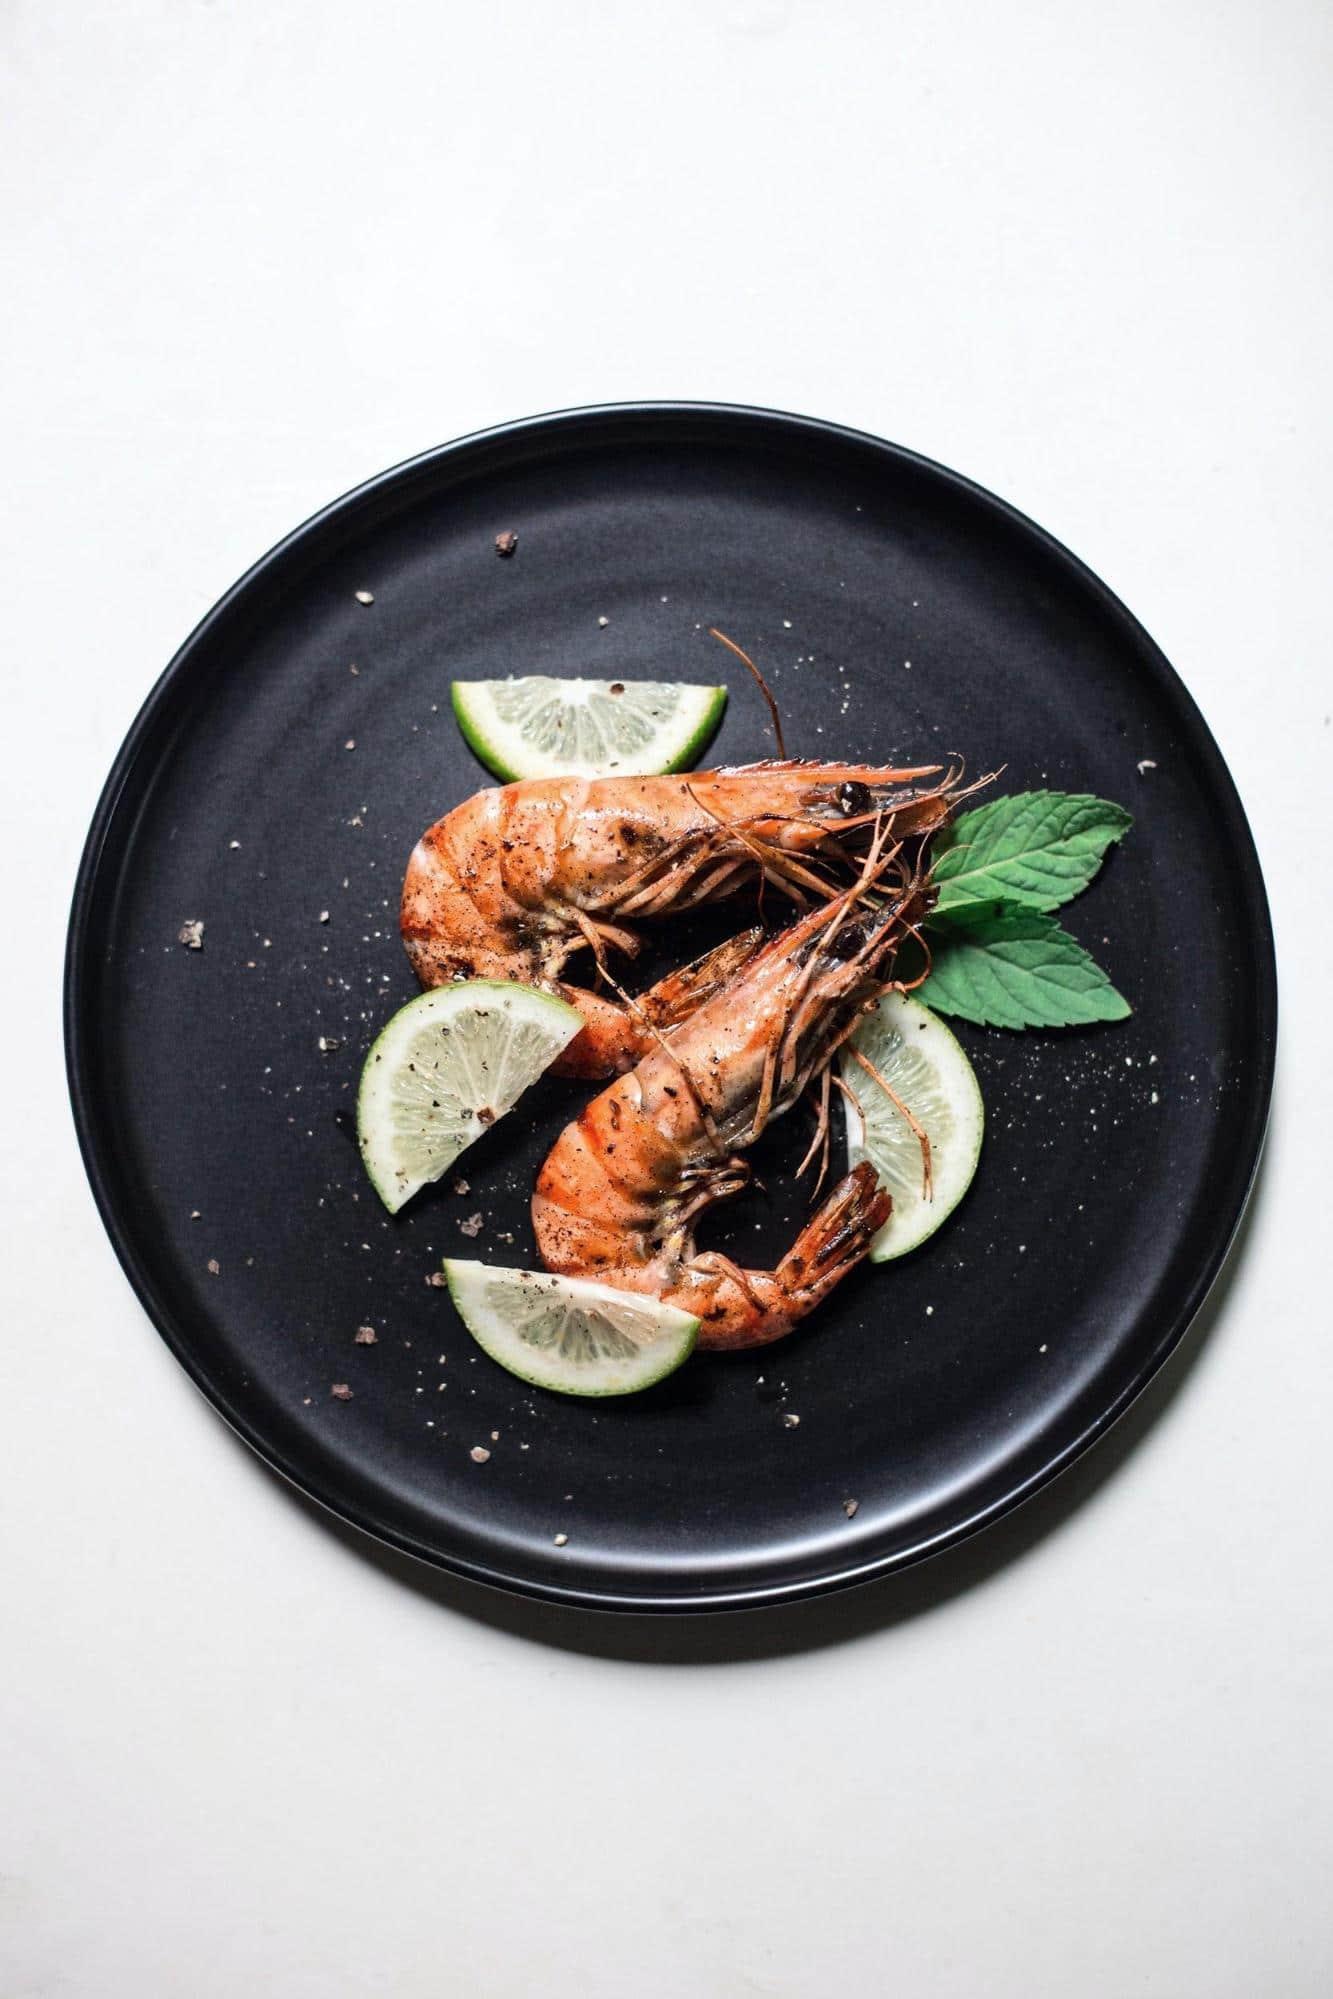 shrimps high in mercury